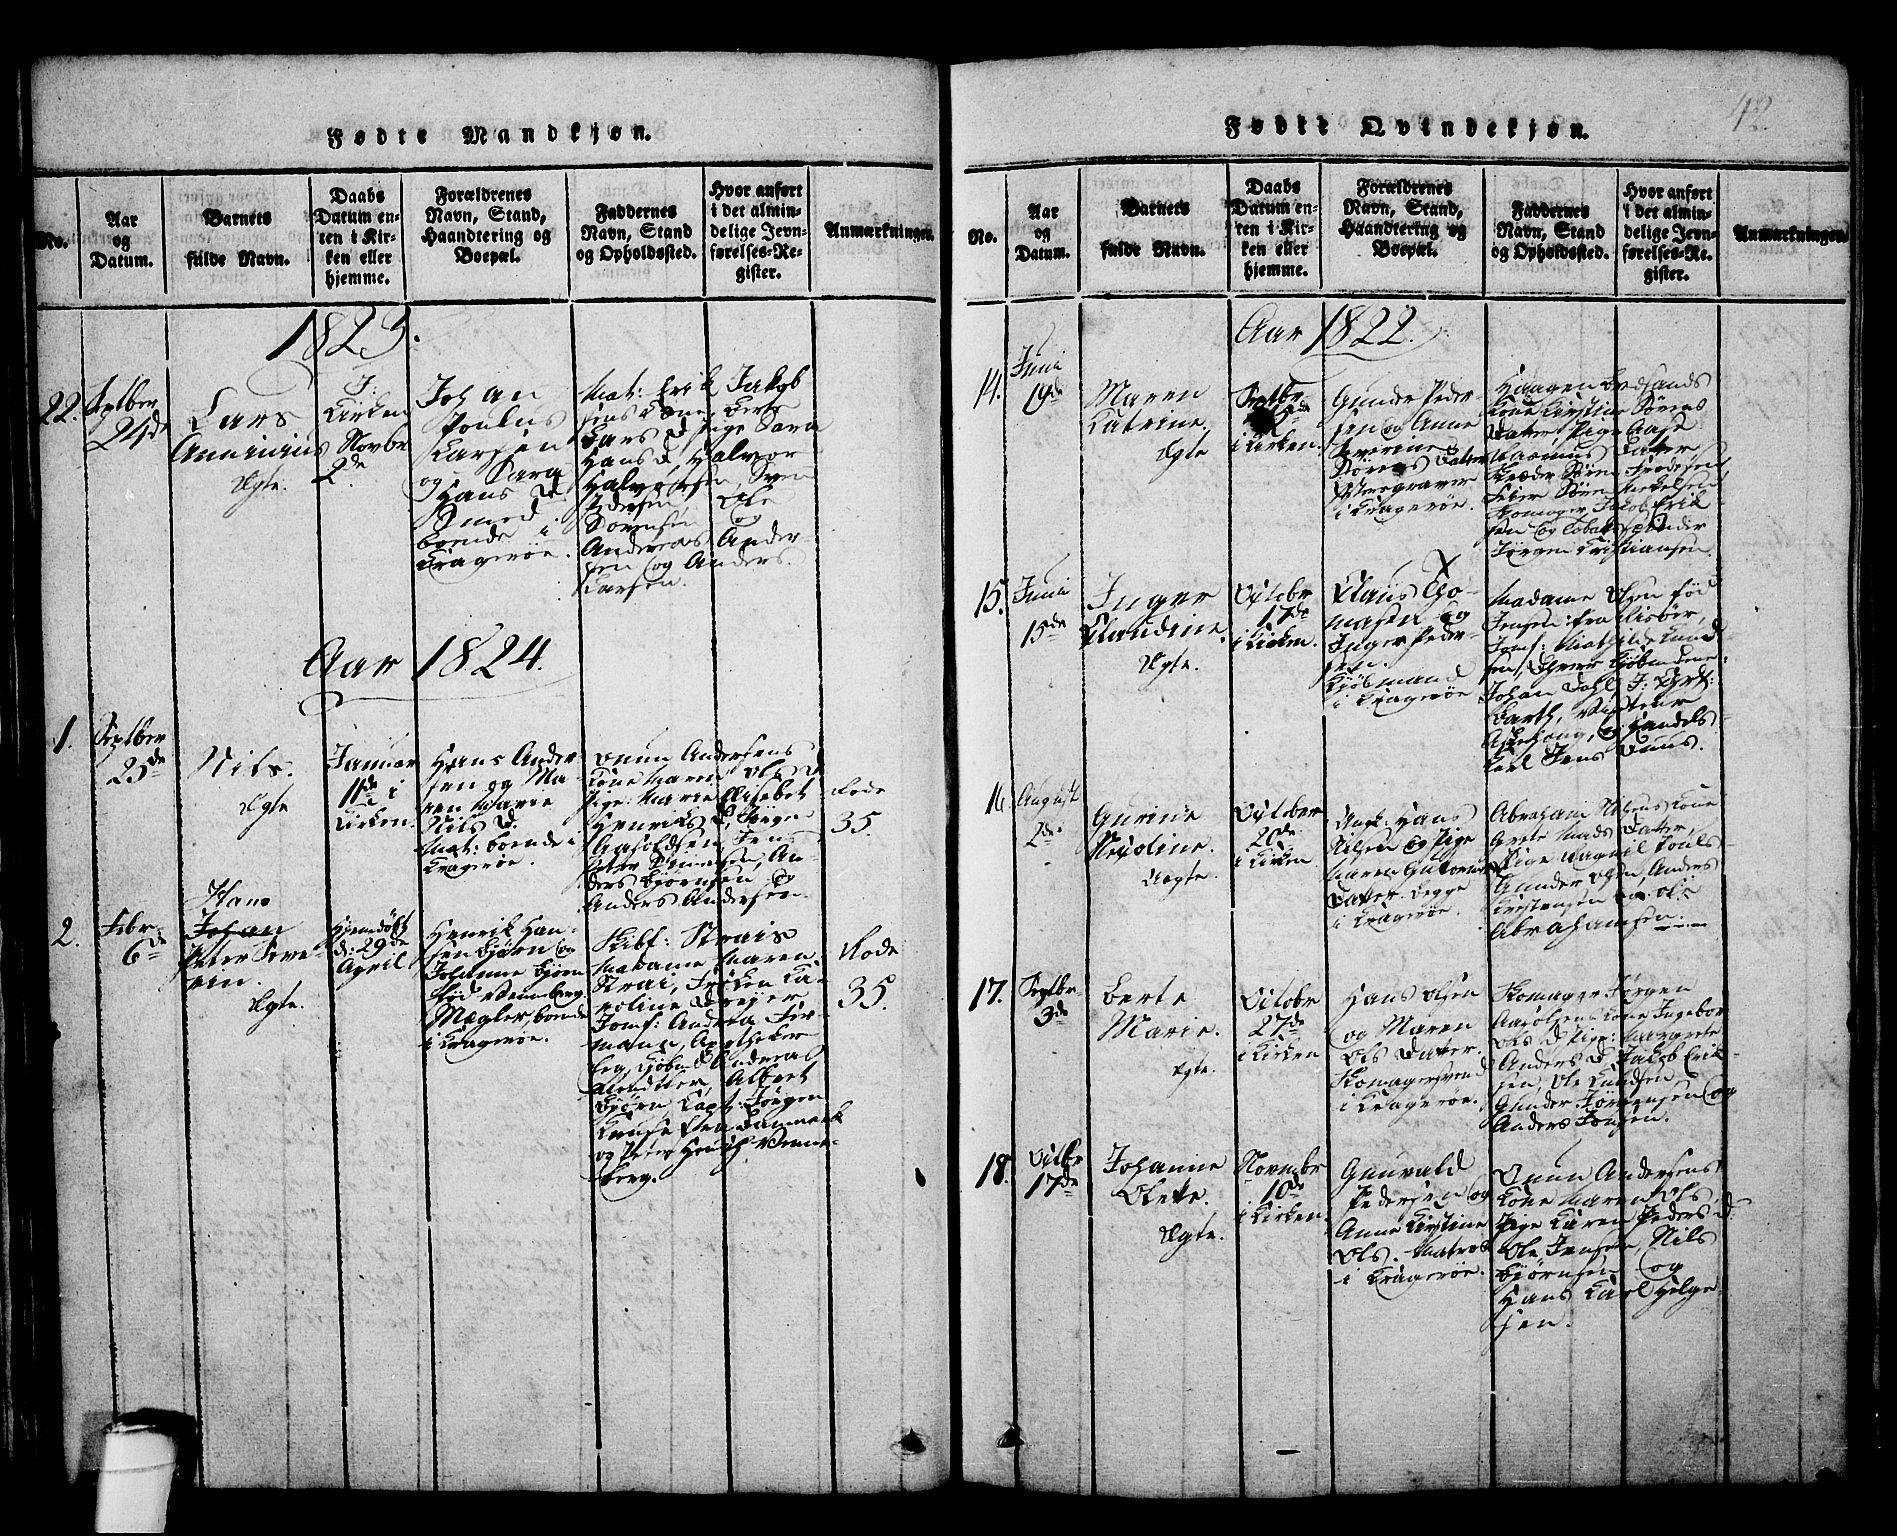 SAKO, Kragerø kirkebøker, G/Ga/L0002: Klokkerbok nr. 2, 1814-1831, s. 42